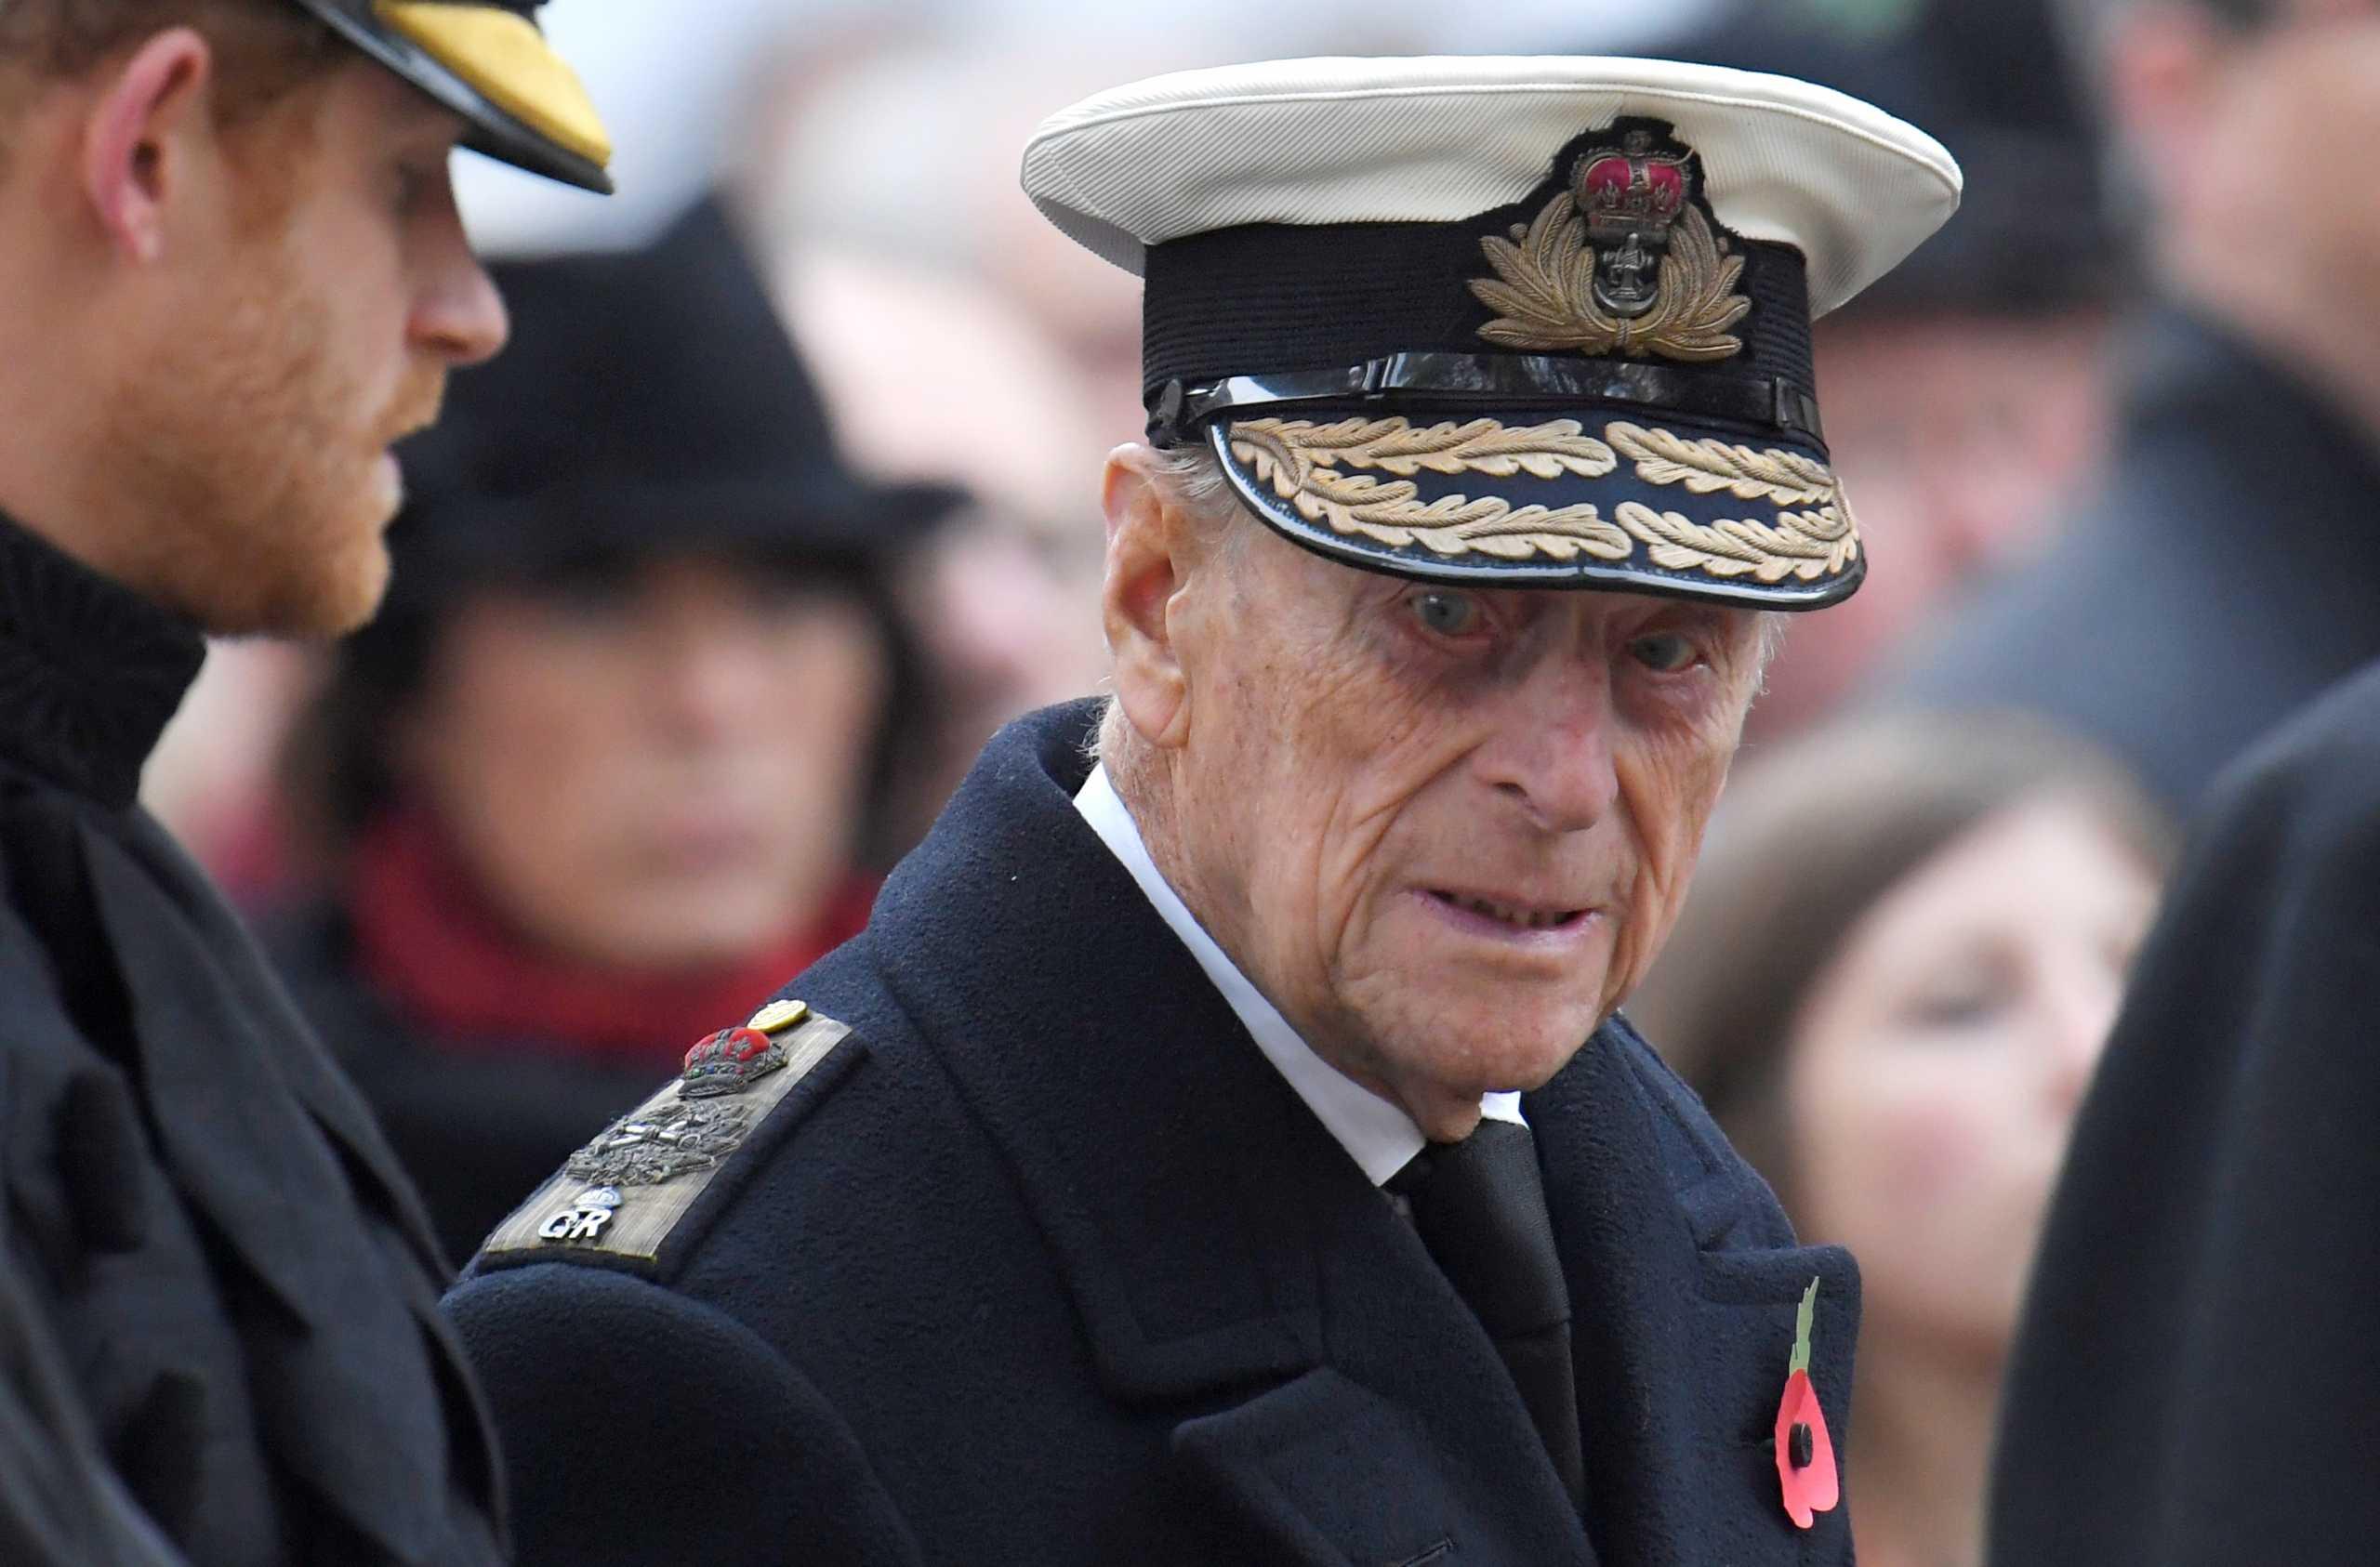 Πρίγκιπας Φίλιππος: Σήμερα το τελευταίο «αντίο» – Το λεπτομερές χρονοδιάγραμμα της τελετής